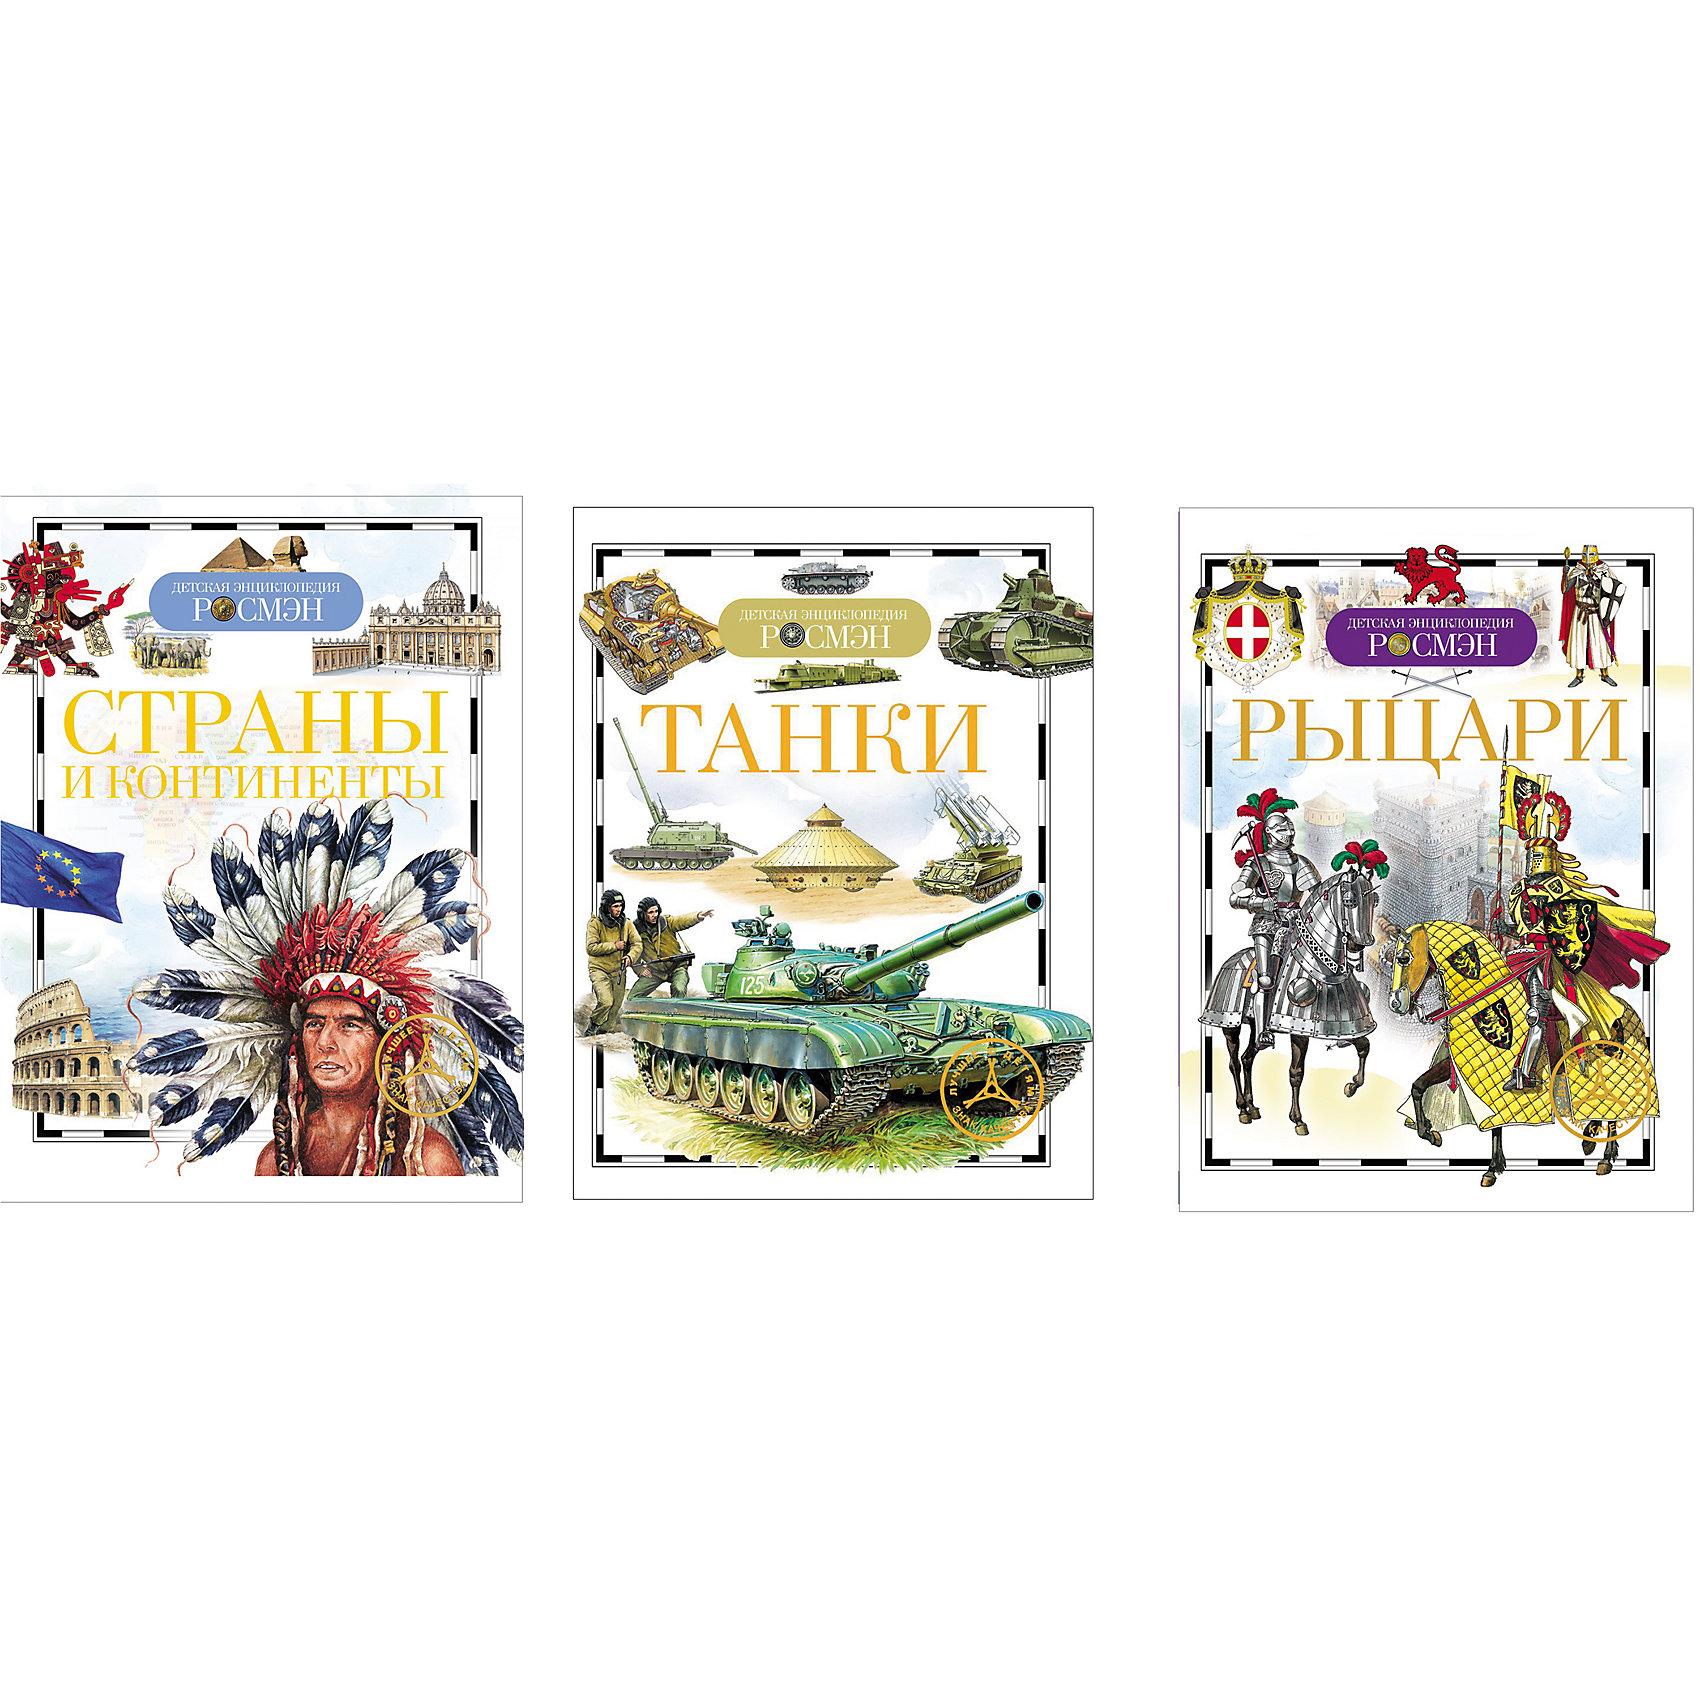 Комплект энциклопедий: Рыцари, Страны и континенты, ТанкиРосмэн<br>Комплект энциклопедий: Рыцари, Страны и континенты, Танки.<br><br>Характеристики:<br><br>• Для детей в возрасте: от 7 лет<br>• В комплекте: 3 книги<br>• Автор книги «Рыцари»: Владимир Никишин<br>• Автор книги «Страны и континенты»: Татьяна Степанова<br>• Автор книги «Танки»: Виктор Бакурский<br>• Художники: И. А. Дзысь, М. О. Дмитриев, В. А. Корольков, В. В. Бастрыкин и другие<br>• Издательство: Росмэн<br>• Серия: Детская энциклопедия<br>• Тип обложки: твердая обложка<br>• Иллюстрации: цветные<br>• Количество страниц в каждой книге: 96<br>• Размер одной книги: 220х165х7 мм.<br>• Вес одной книги: 230 гр.<br>• ISBN: 2000000268965<br><br>В серию «Детская энциклопедия РОСМЭН» вошли книги удобного формата с большим количеством цветных иллюстраций. Серия отмечена знаком качества «Лучшее – детям». В комплекте 3 книги: <br><br>   1. Энциклопедия «Рыцари», повествующая о средневековых воинах высшего класса, их жизненном укладе, военных походах и кодексе чести. <br><br>   2. Энциклопедия «Страны и континенты», знакомящая с географическим положением и природными условиями разных стран мира, с народами, их населяющими, культурой и историей. <br><br>   3. Энциклопедия «Танки», рассказывающая не только об их почти столетней истории и участии в войнах, но и о легендарных бронированных машинах, оказавших наибольшее влияние на развитие бронетанковой техники.<br><br>Комплект энциклопедий: Рыцари, Страны и континенты, Танки можно купить в нашем интернет-магазине.<br><br>Ширина мм: 170<br>Глубина мм: 240<br>Высота мм: 220<br>Вес г: 650<br>Возраст от месяцев: 84<br>Возраст до месяцев: 2147483647<br>Пол: Унисекс<br>Возраст: Детский<br>SKU: 6758922